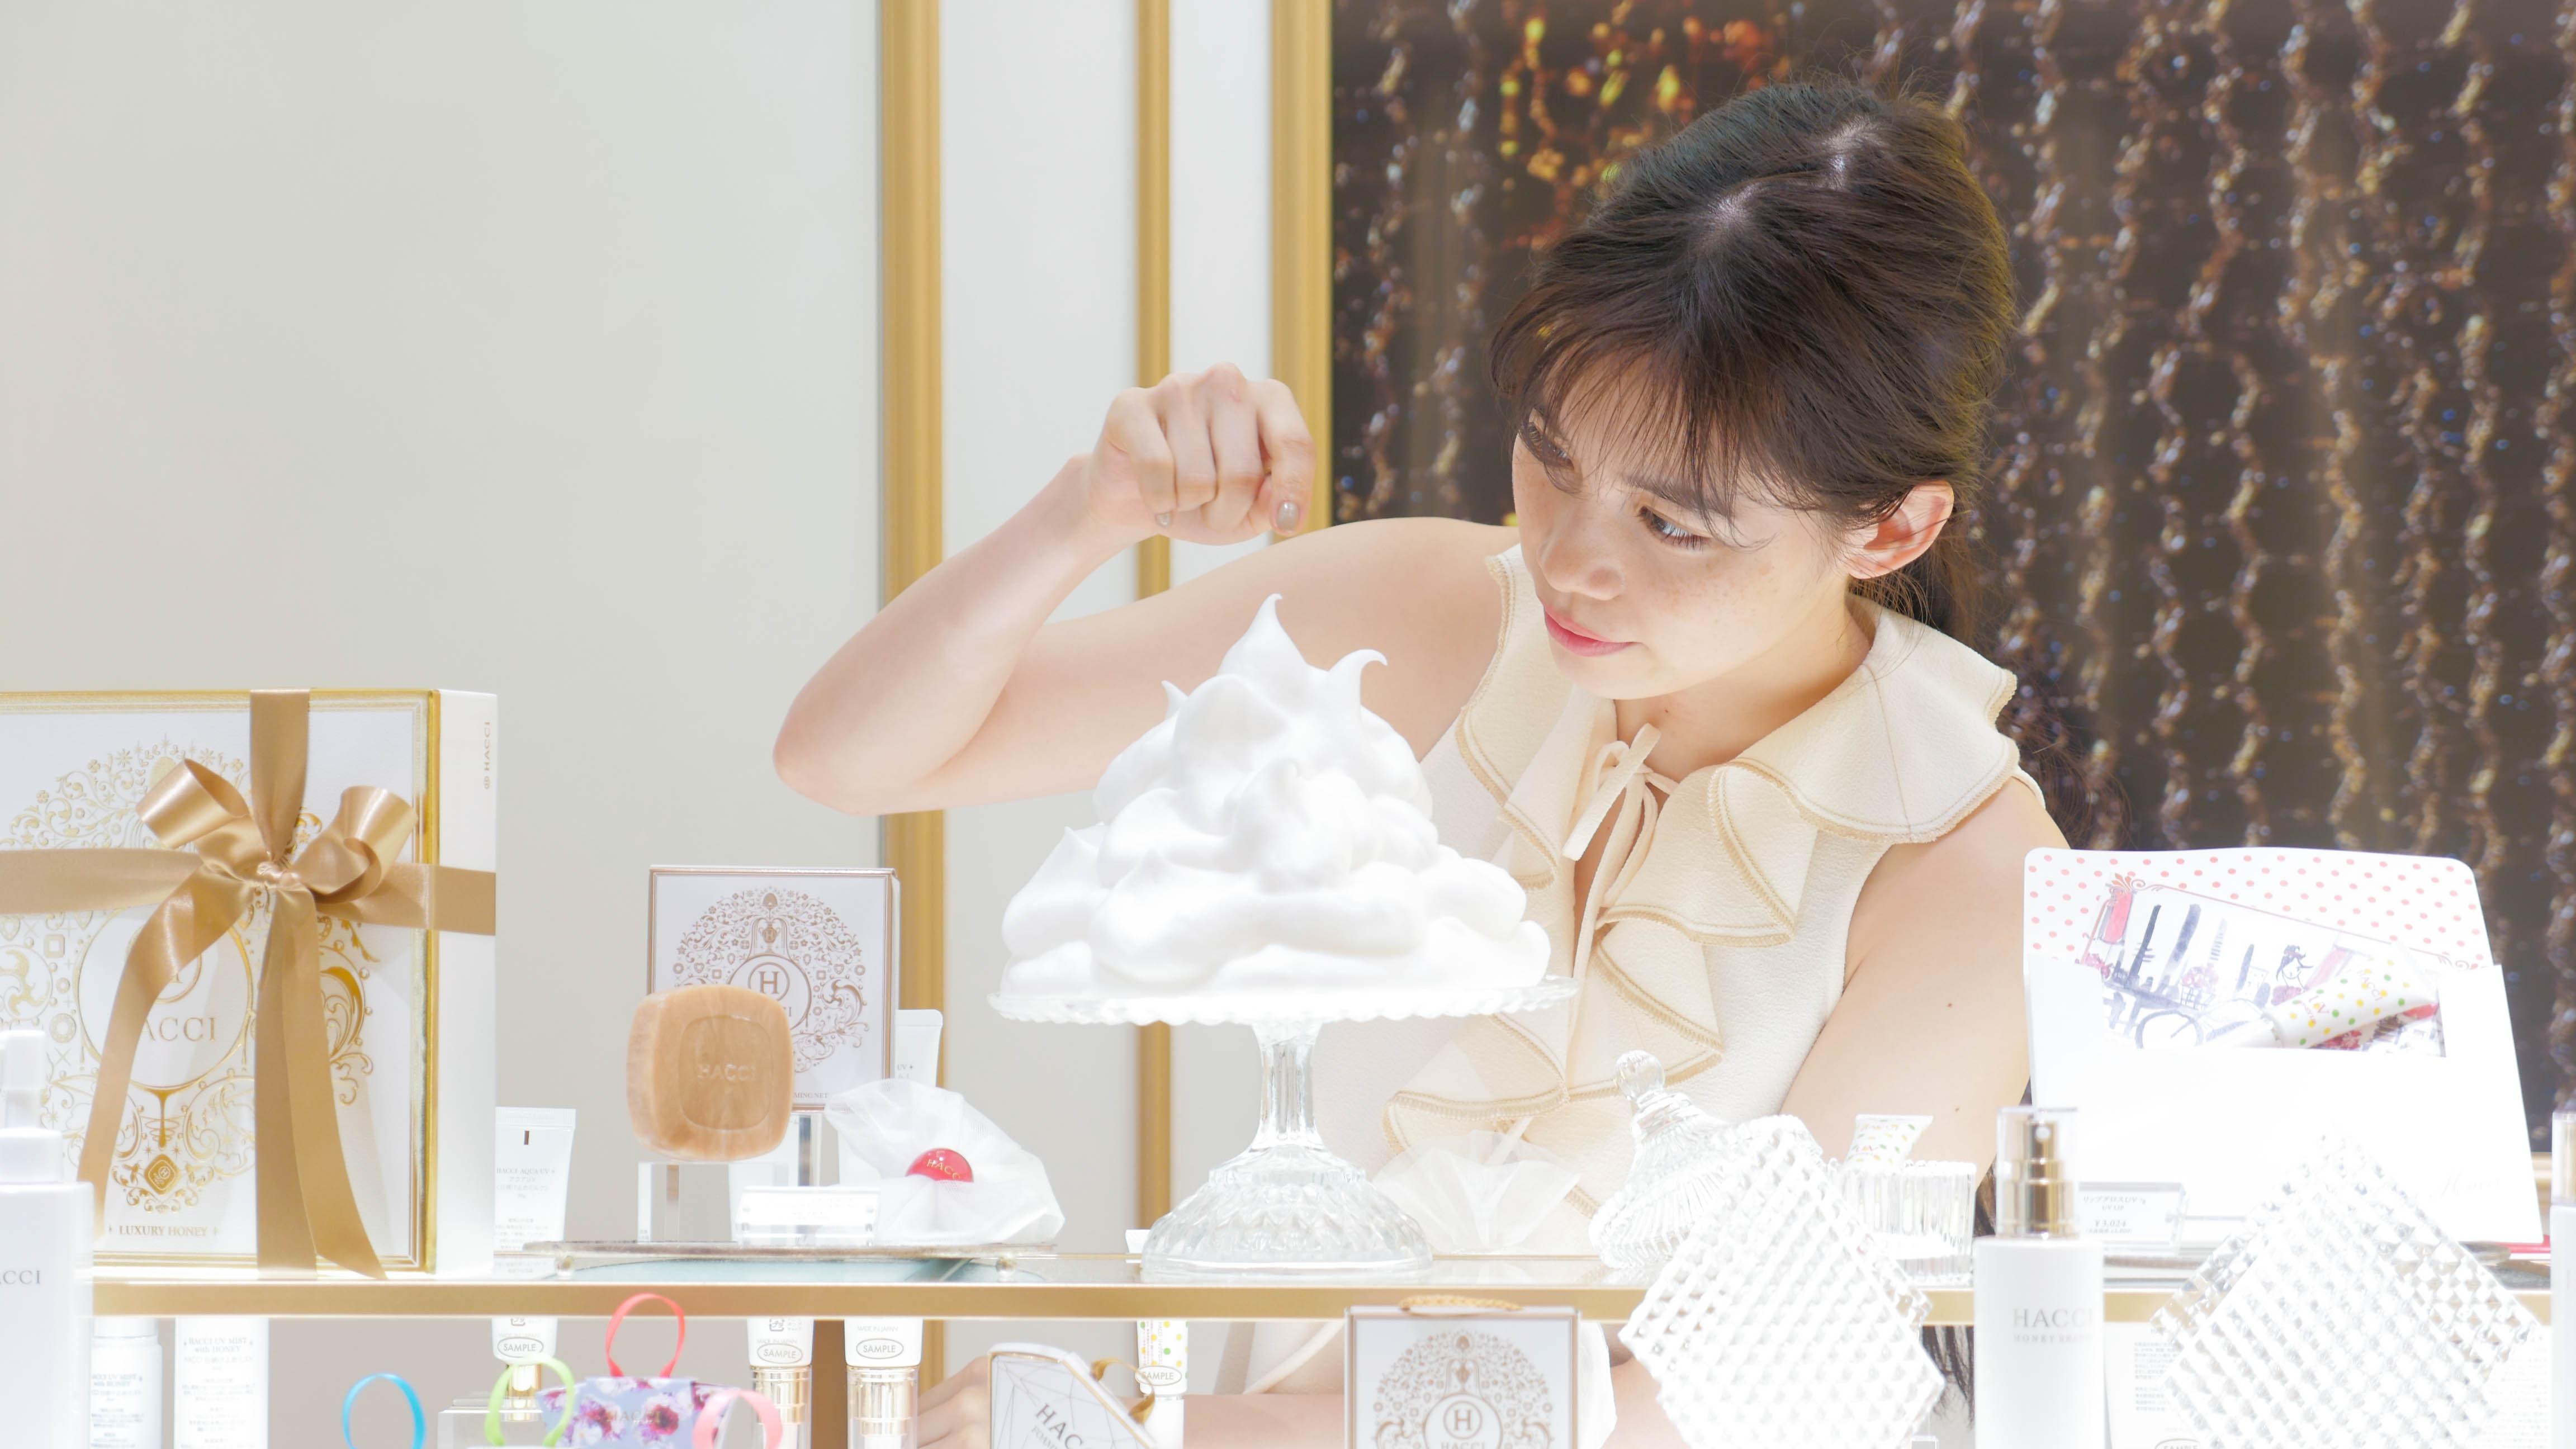 宮本彩菜さんが銀座シックスで見つけた、スイートなコスメとは?